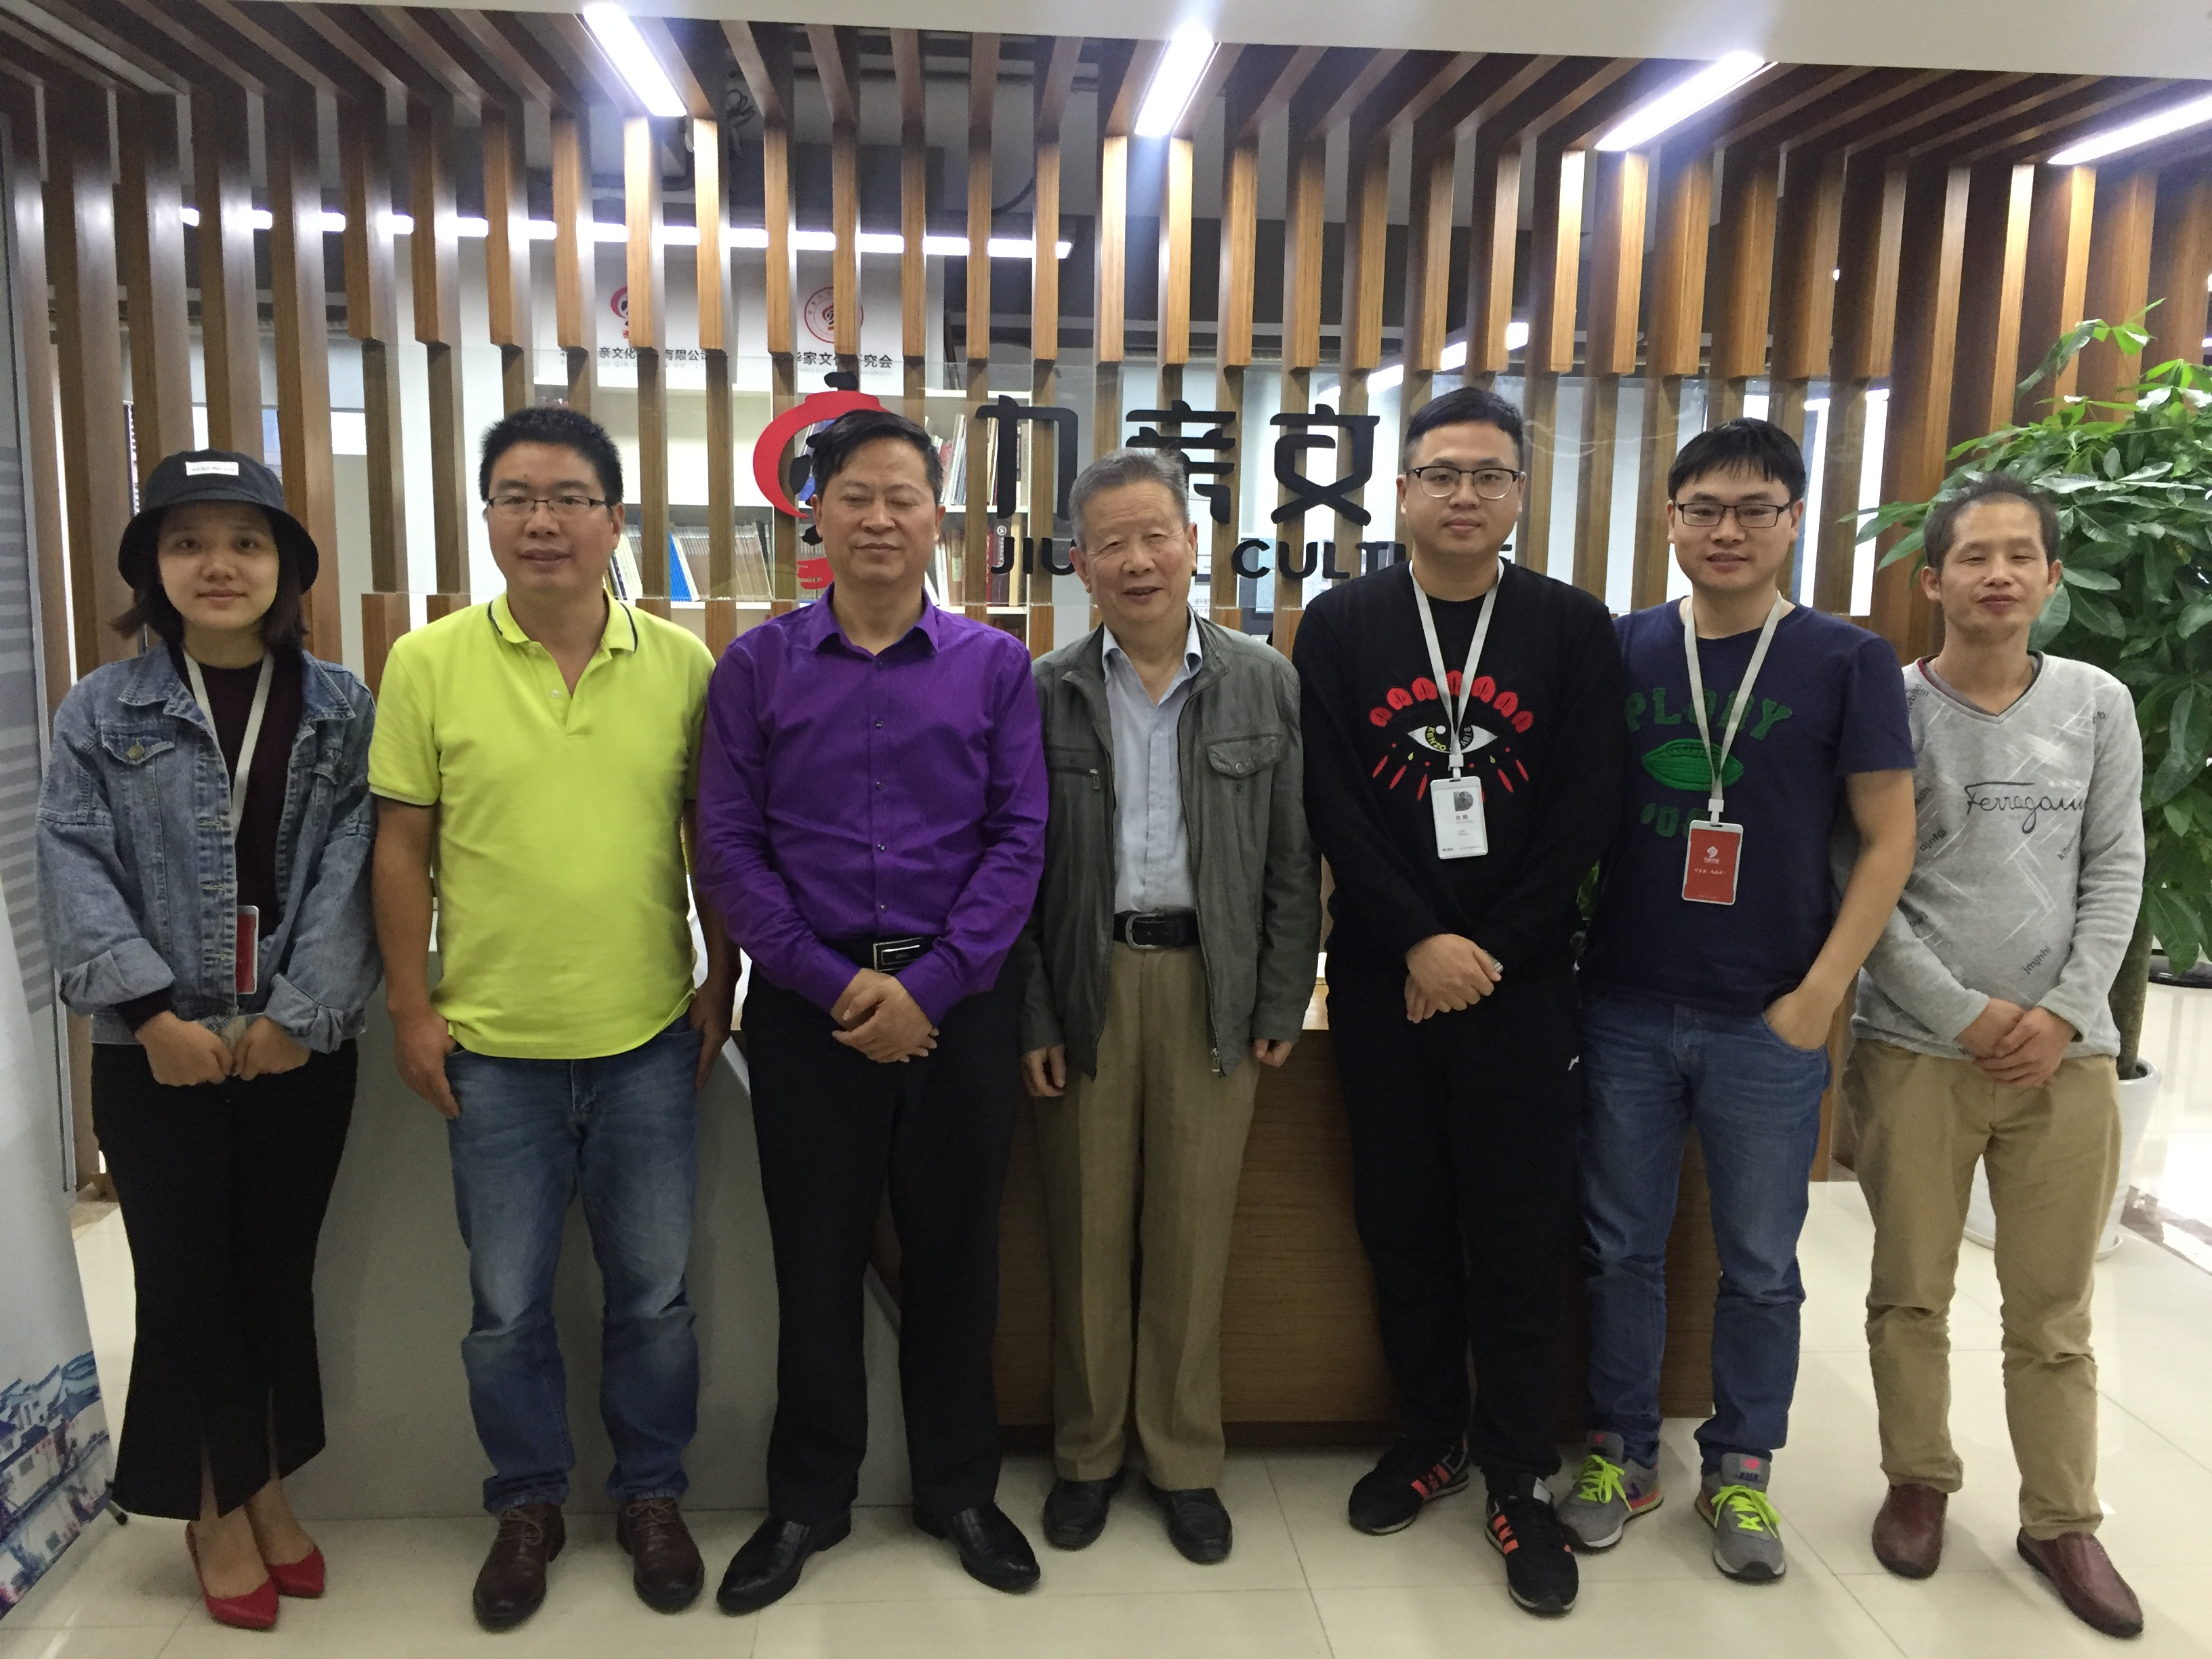 重庆刘氏文化研究会会长刘万平先生到访九亲文化